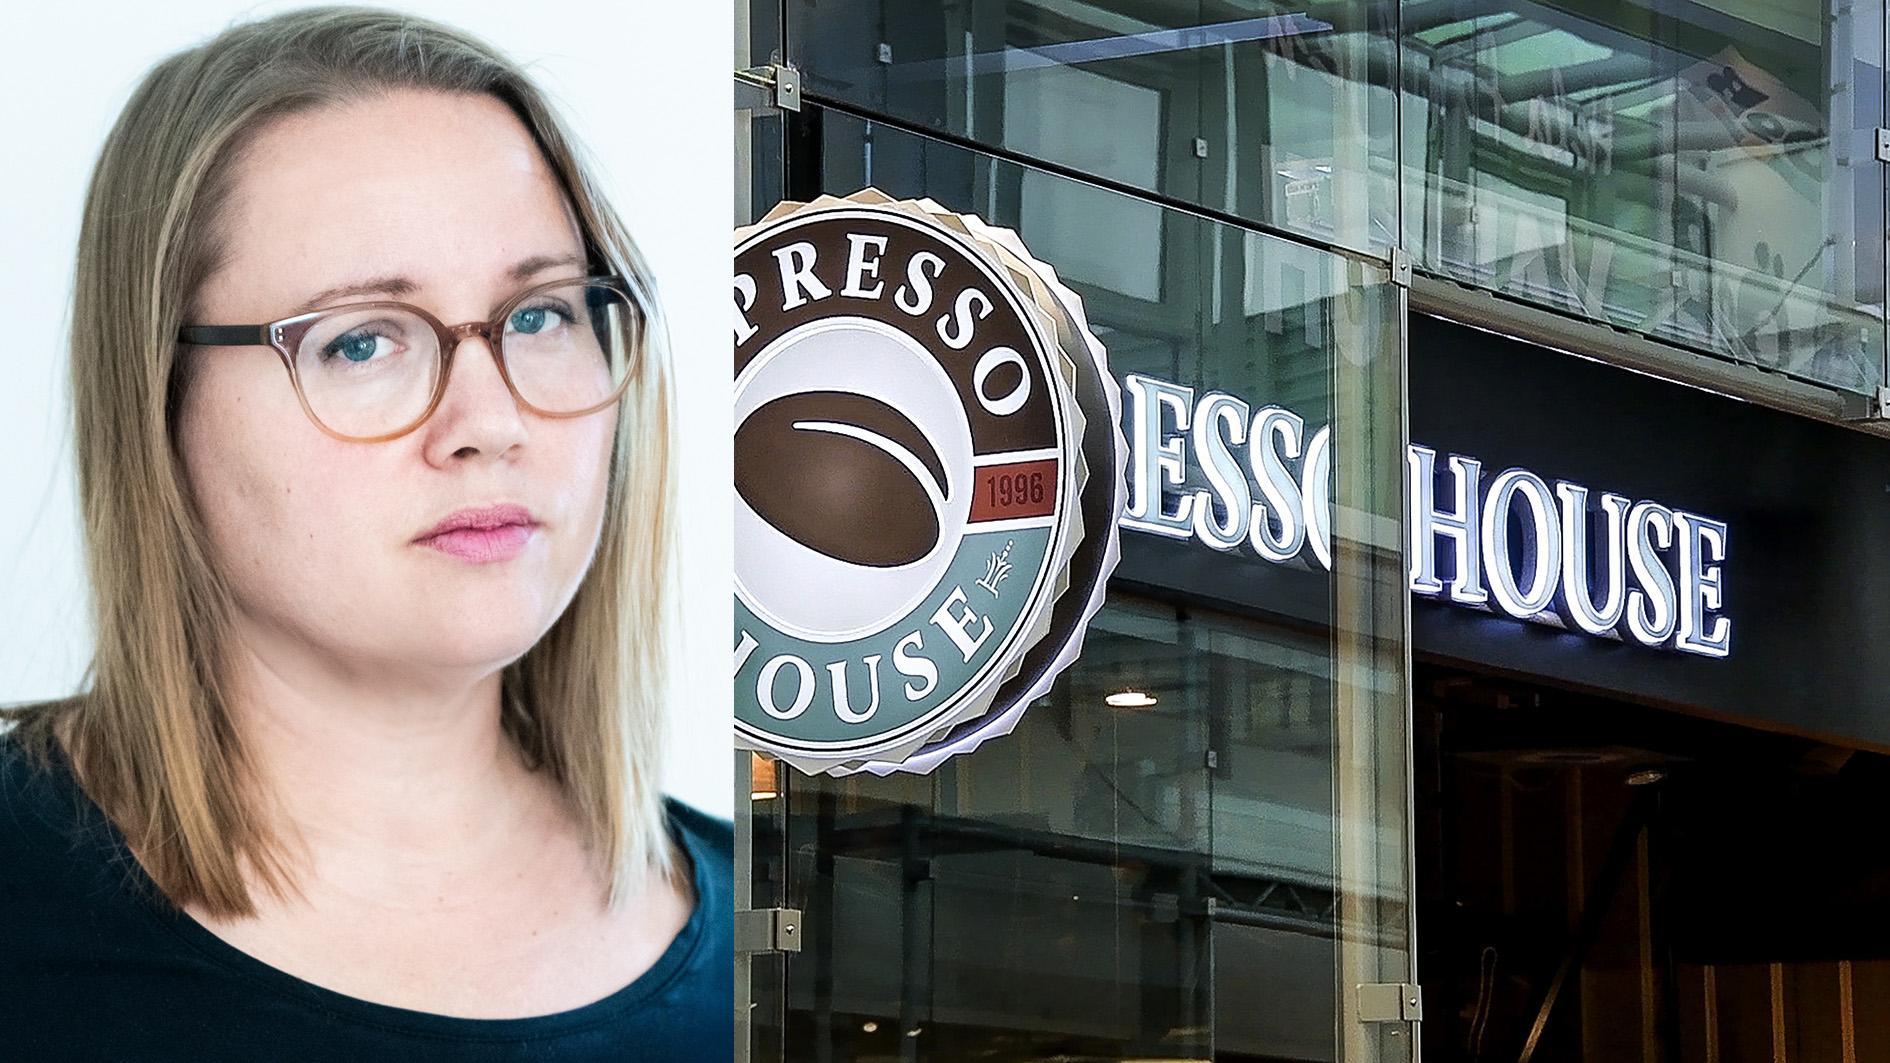 """Gentrifierade städer försöker likna varandra, i stället är det samma Espresso House i Stockholm, Karlstad, Västerås. """"Det är här, ute i landet där inga kedjor vill etablera sig, som jag känner igen mig"""", skriver Sofia Lilly Jönsson."""